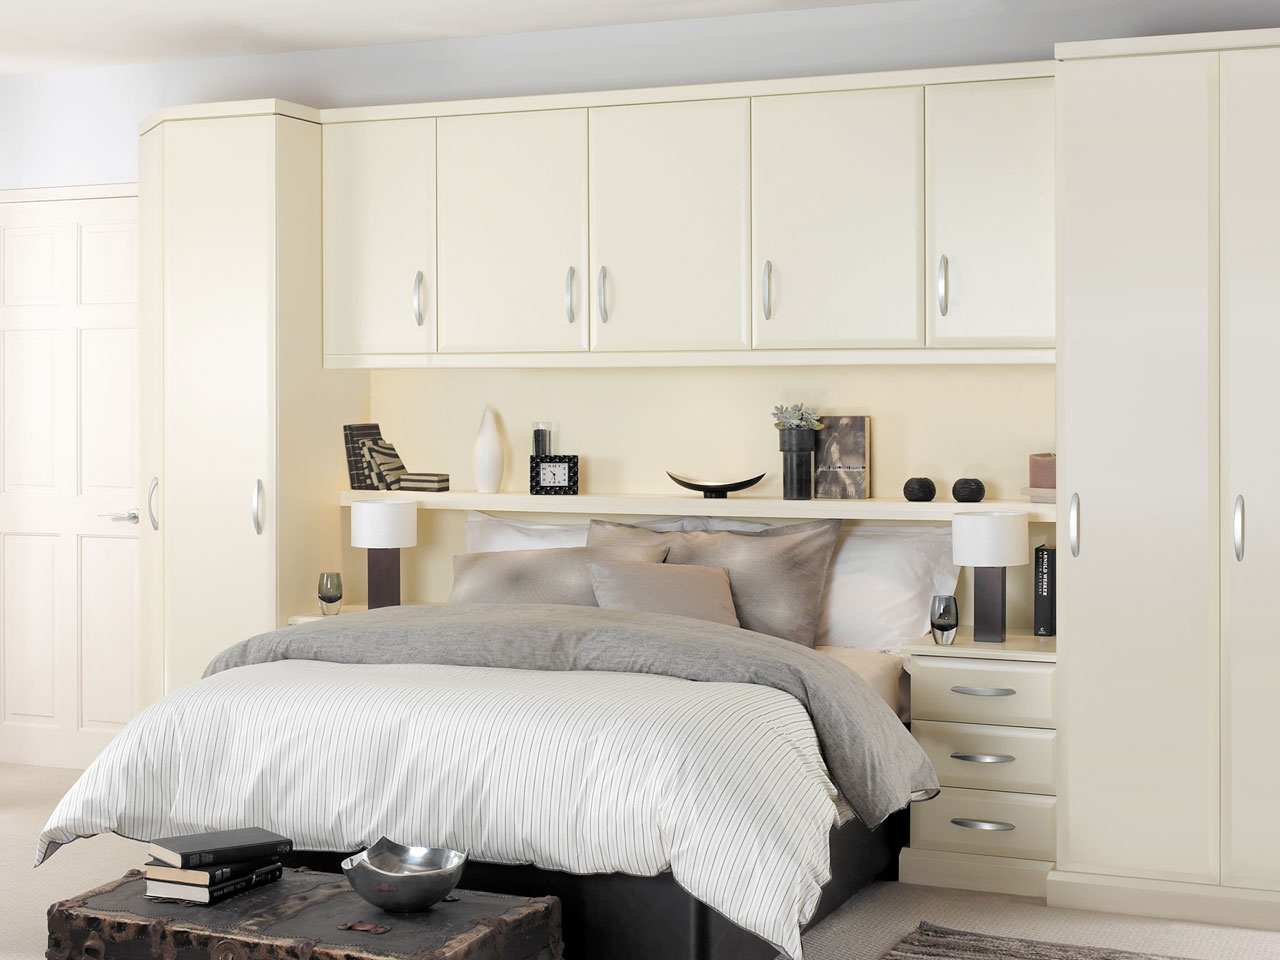 Luton Bedrooms 3